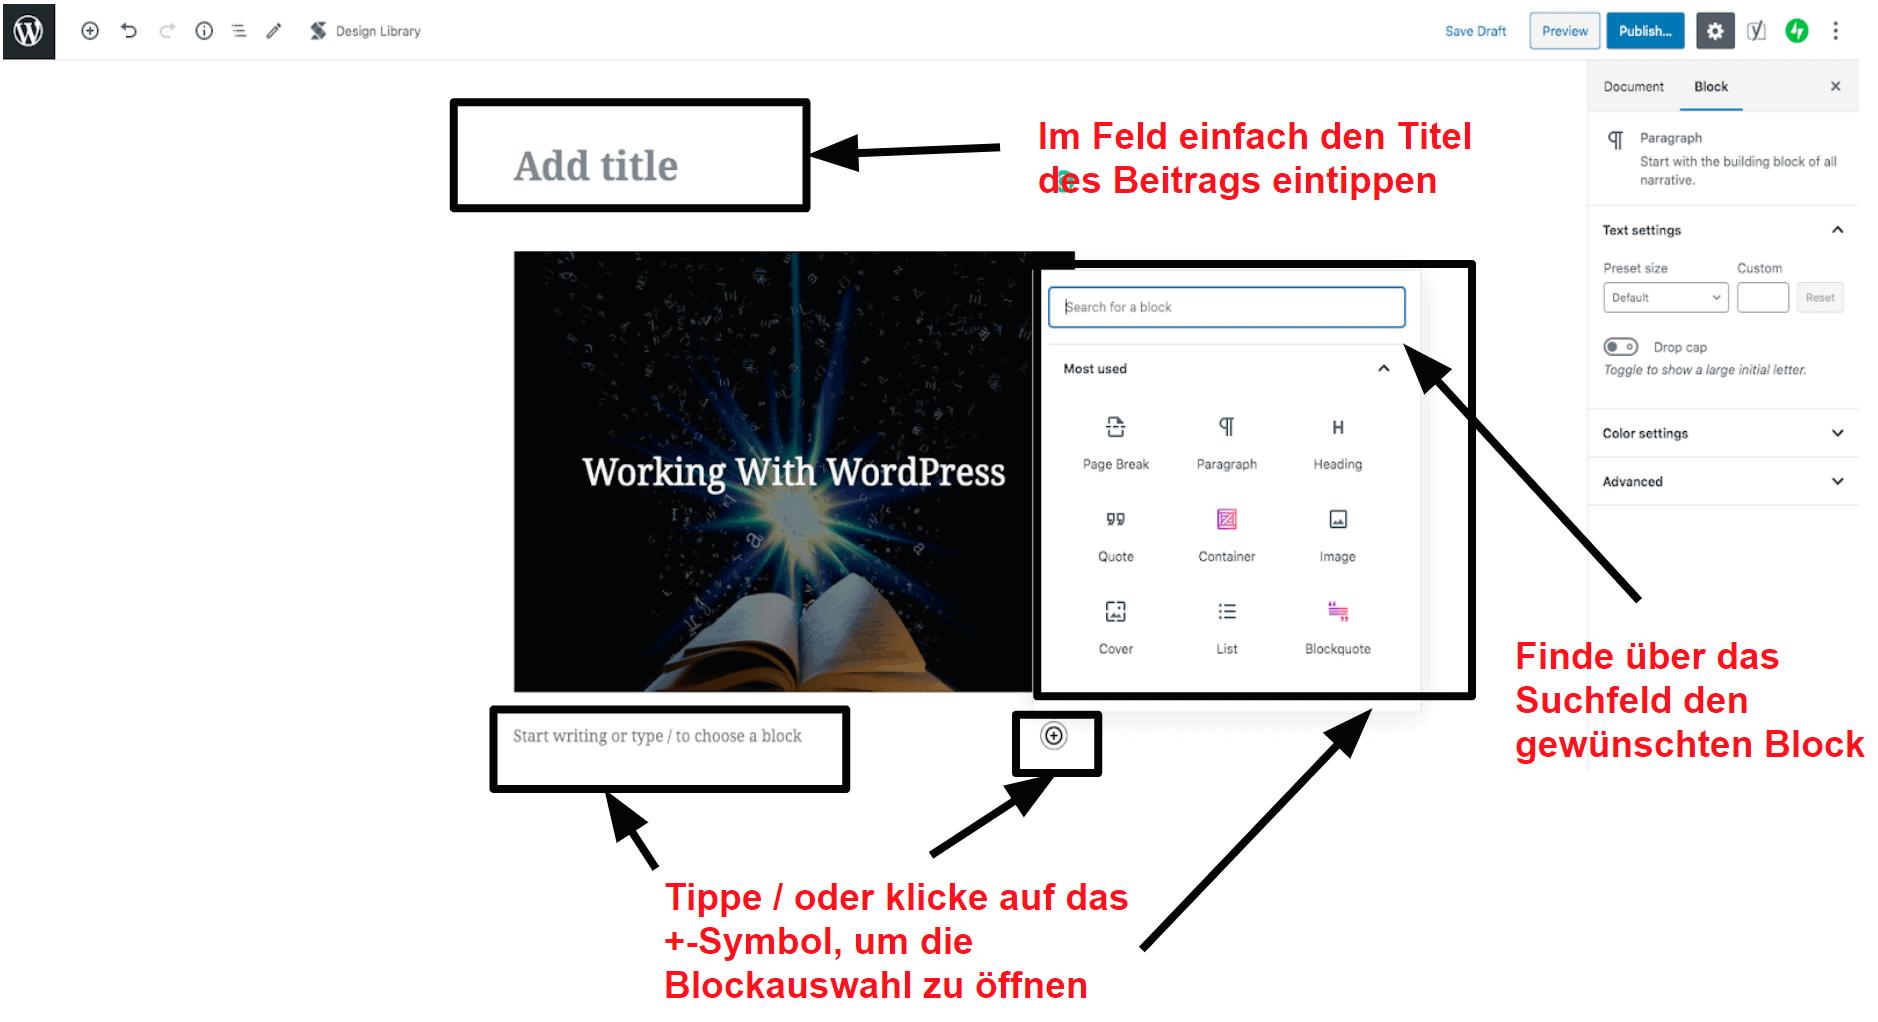 Website selbst erstellen – Website-Baukasten sinnvoll?